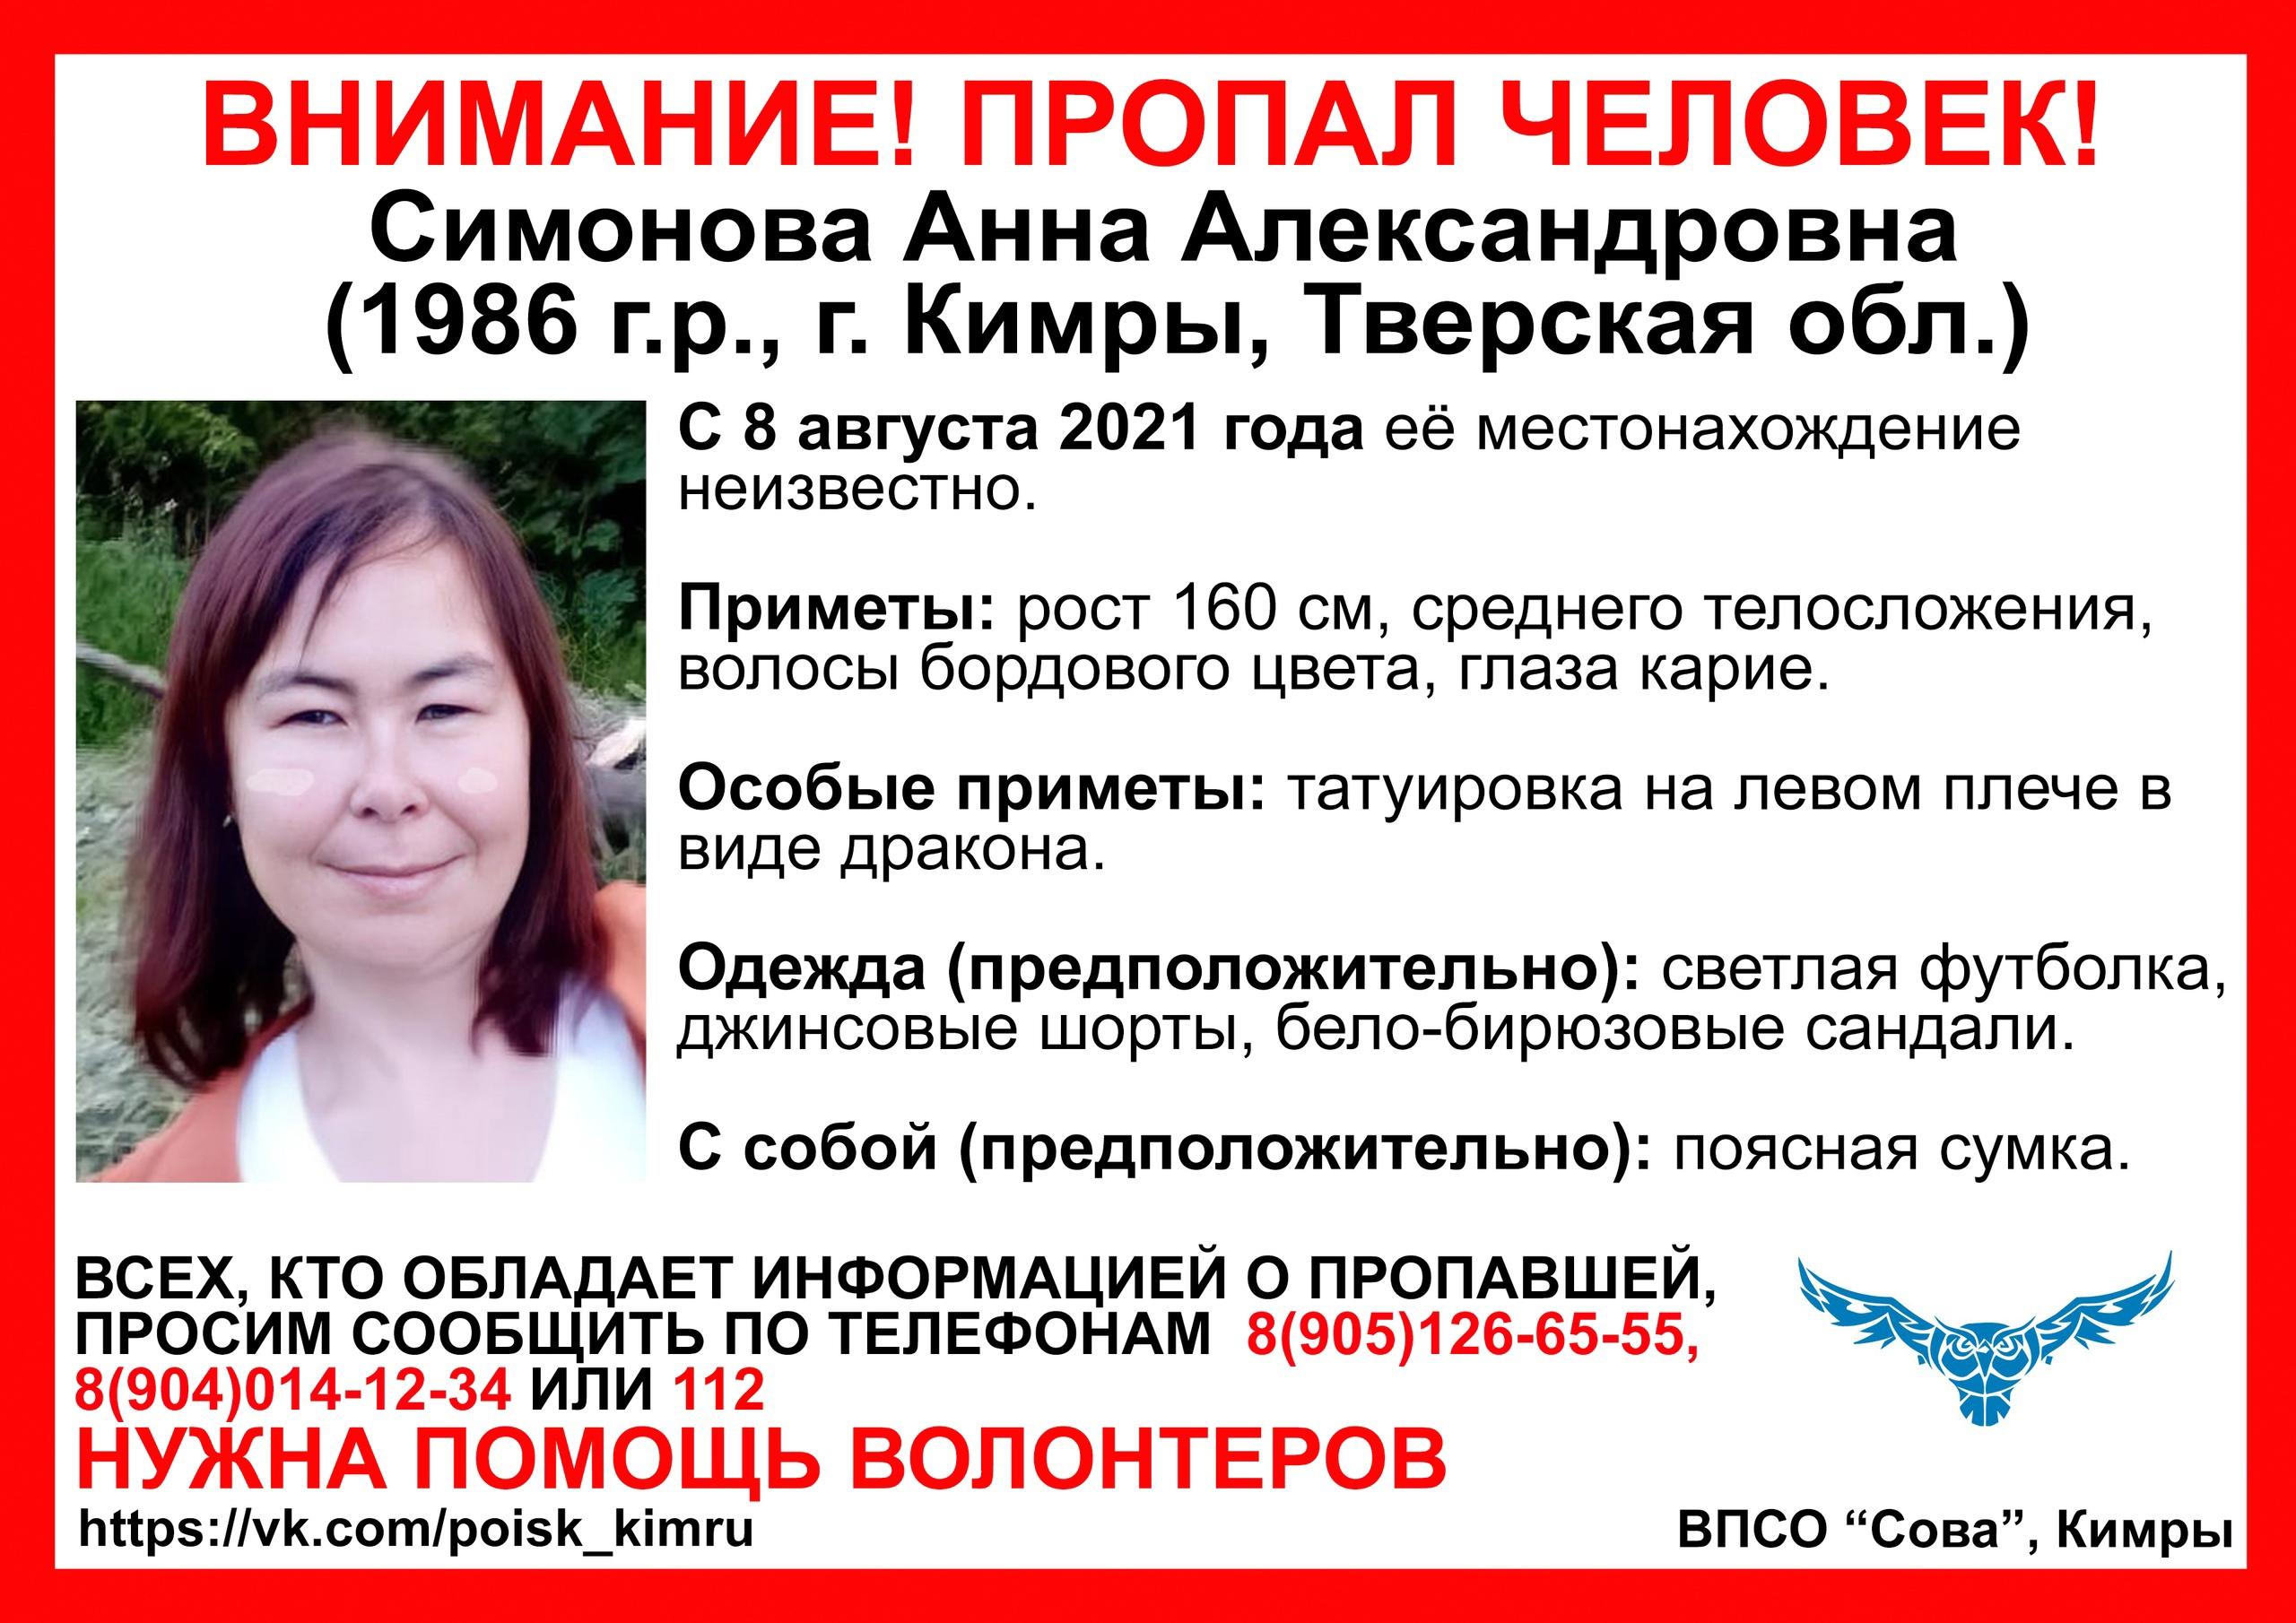 В Тверской области ищут женщину с татуировкой дракона